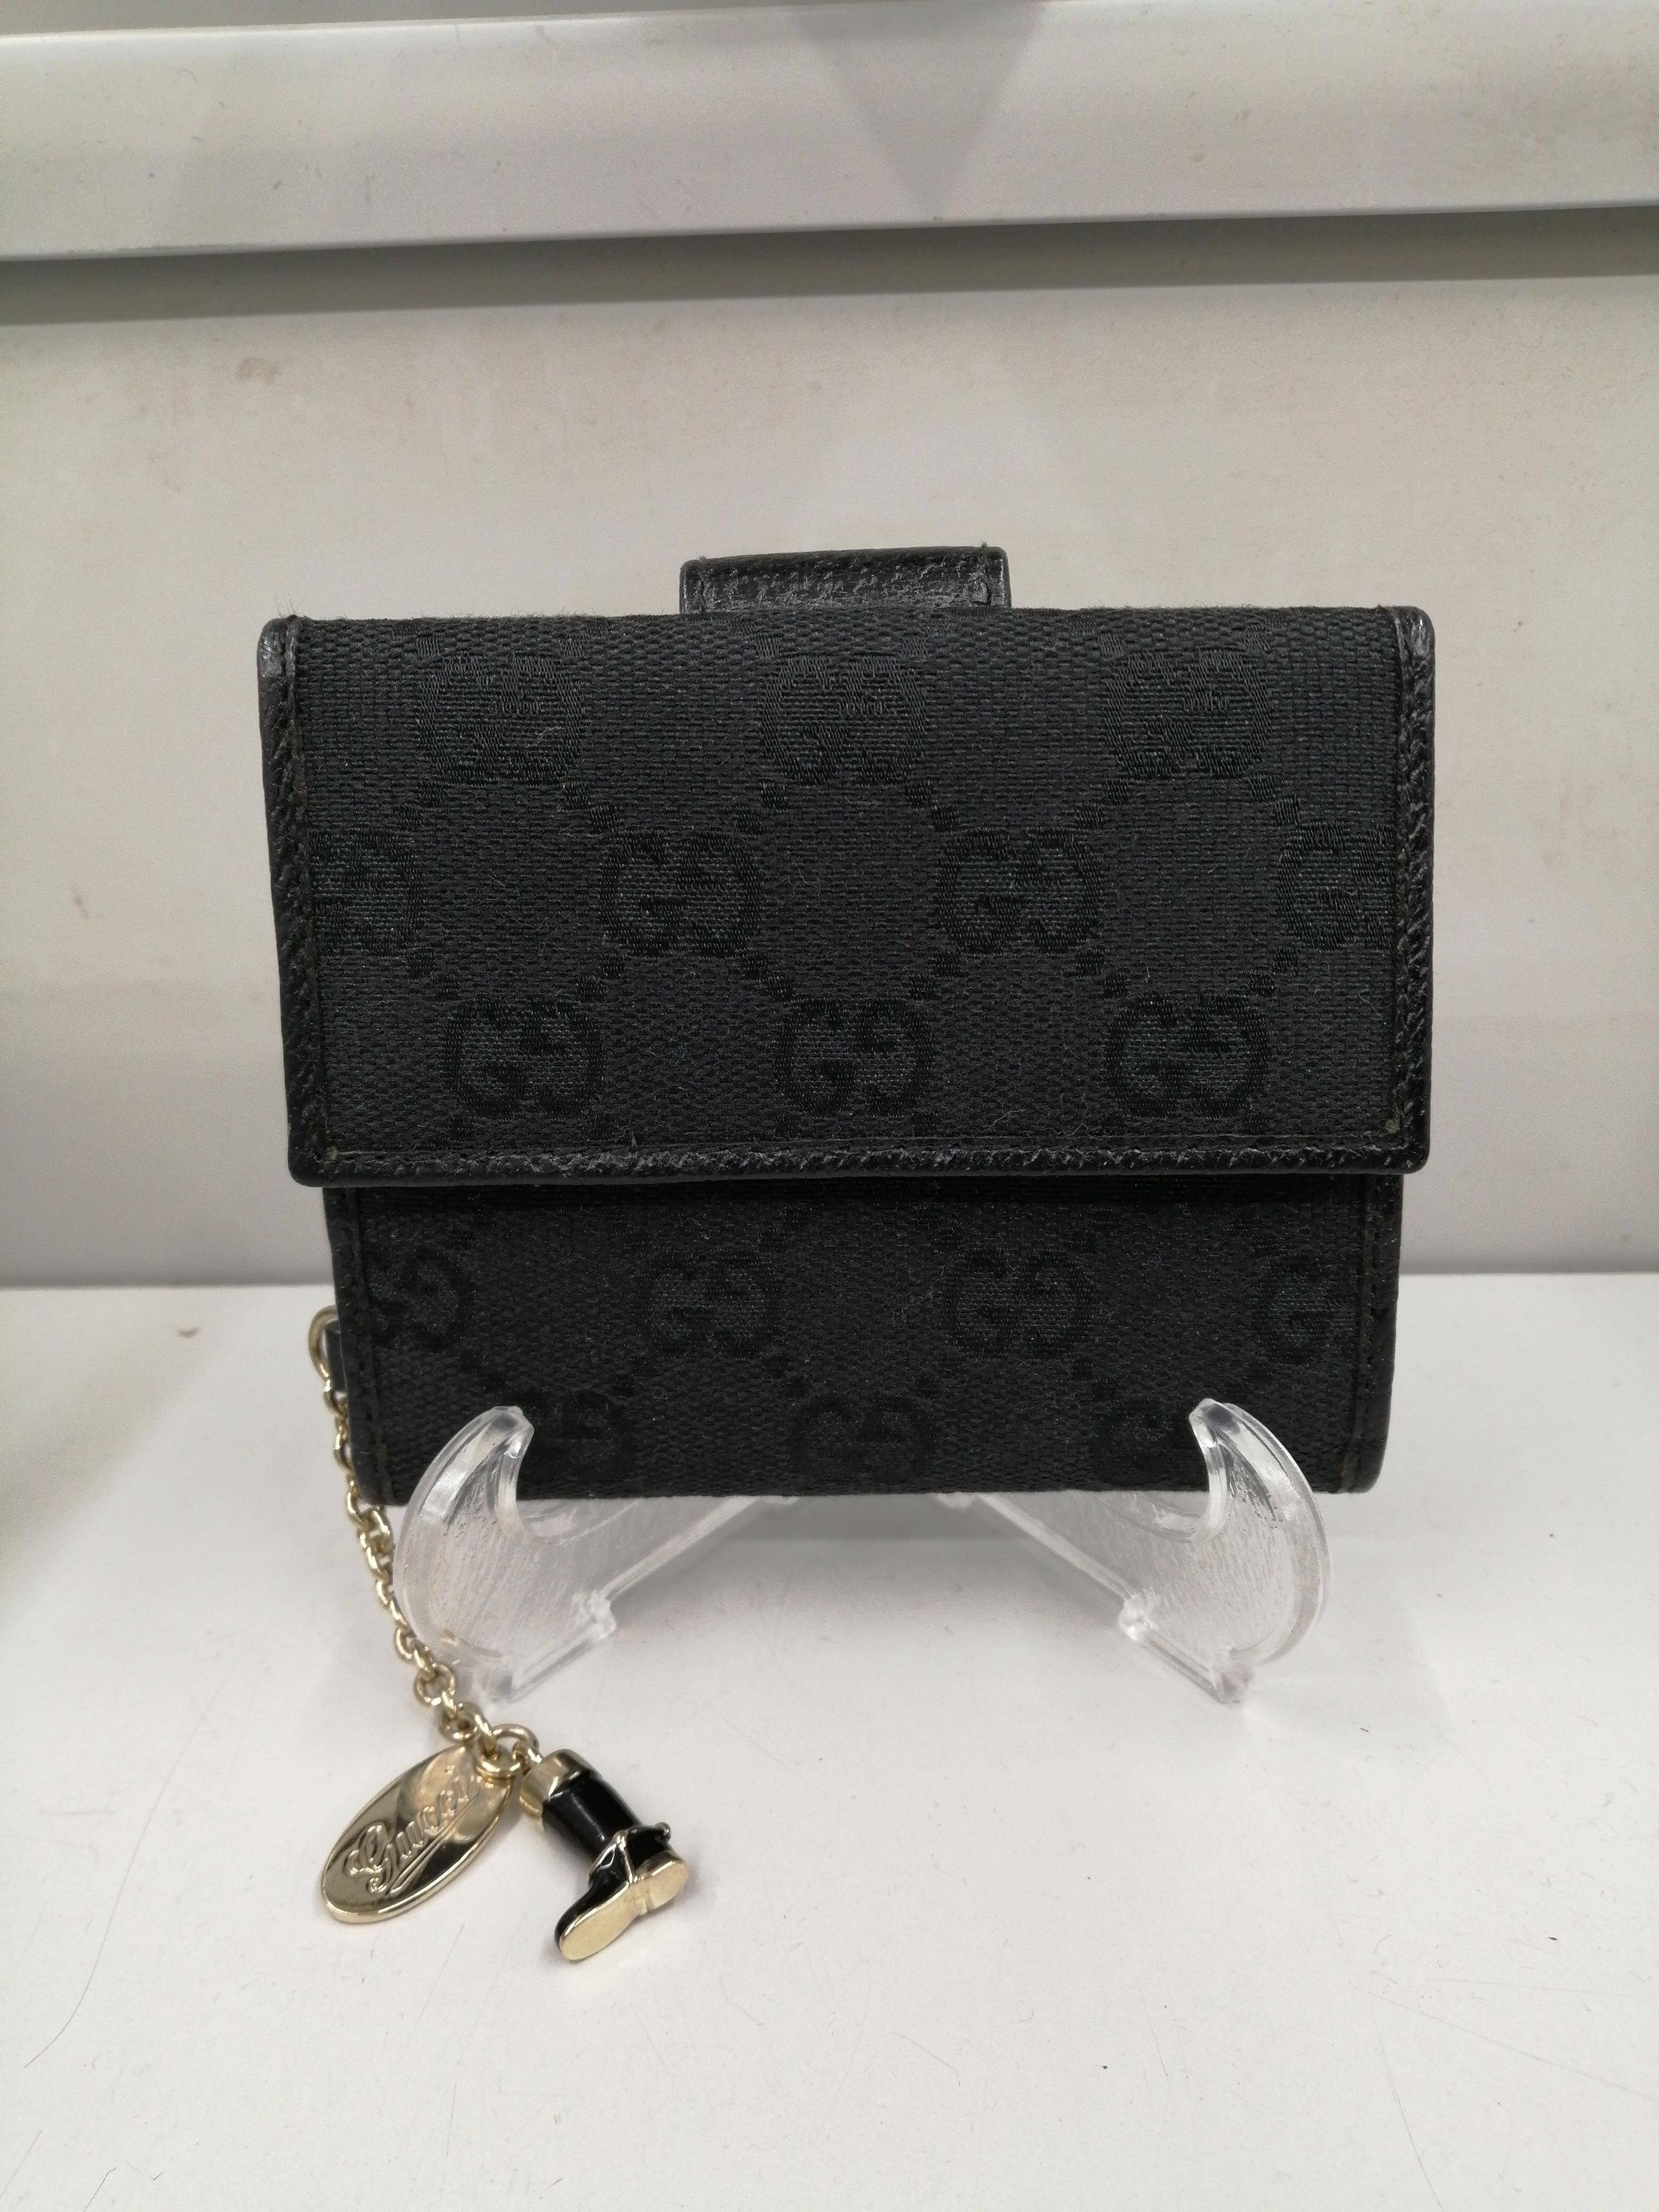 WホックGG財布|GUCCI